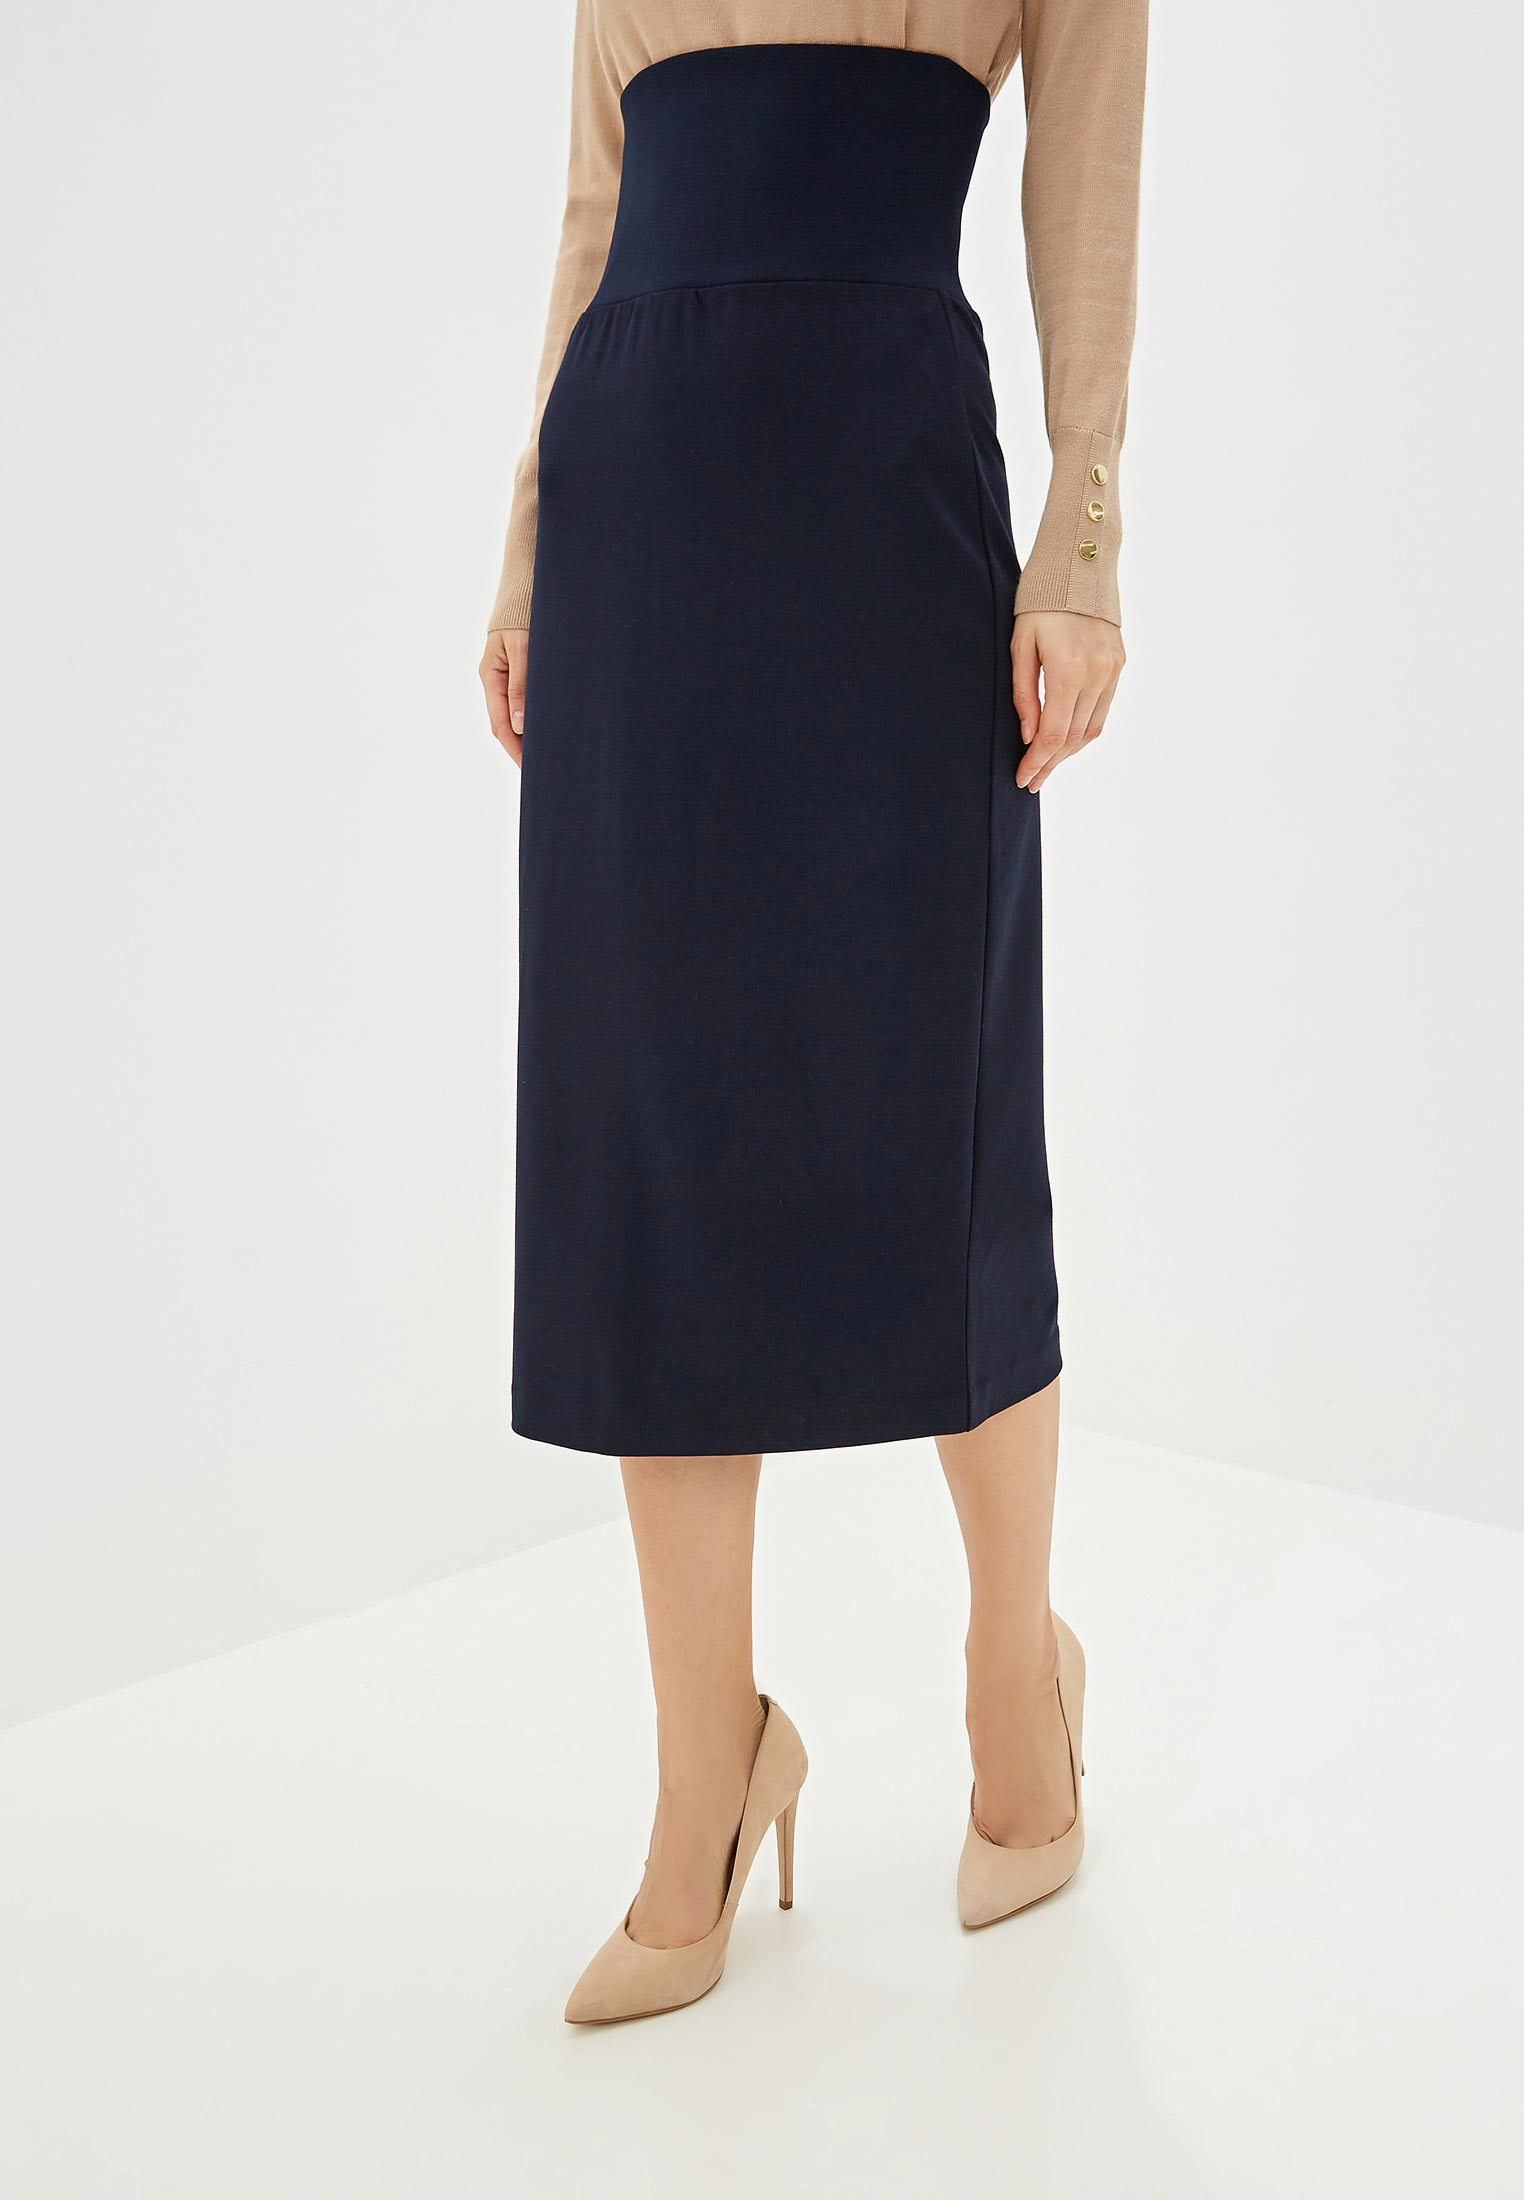 Прямая юбка Sela (Сэла) SKk-118/1221-9350